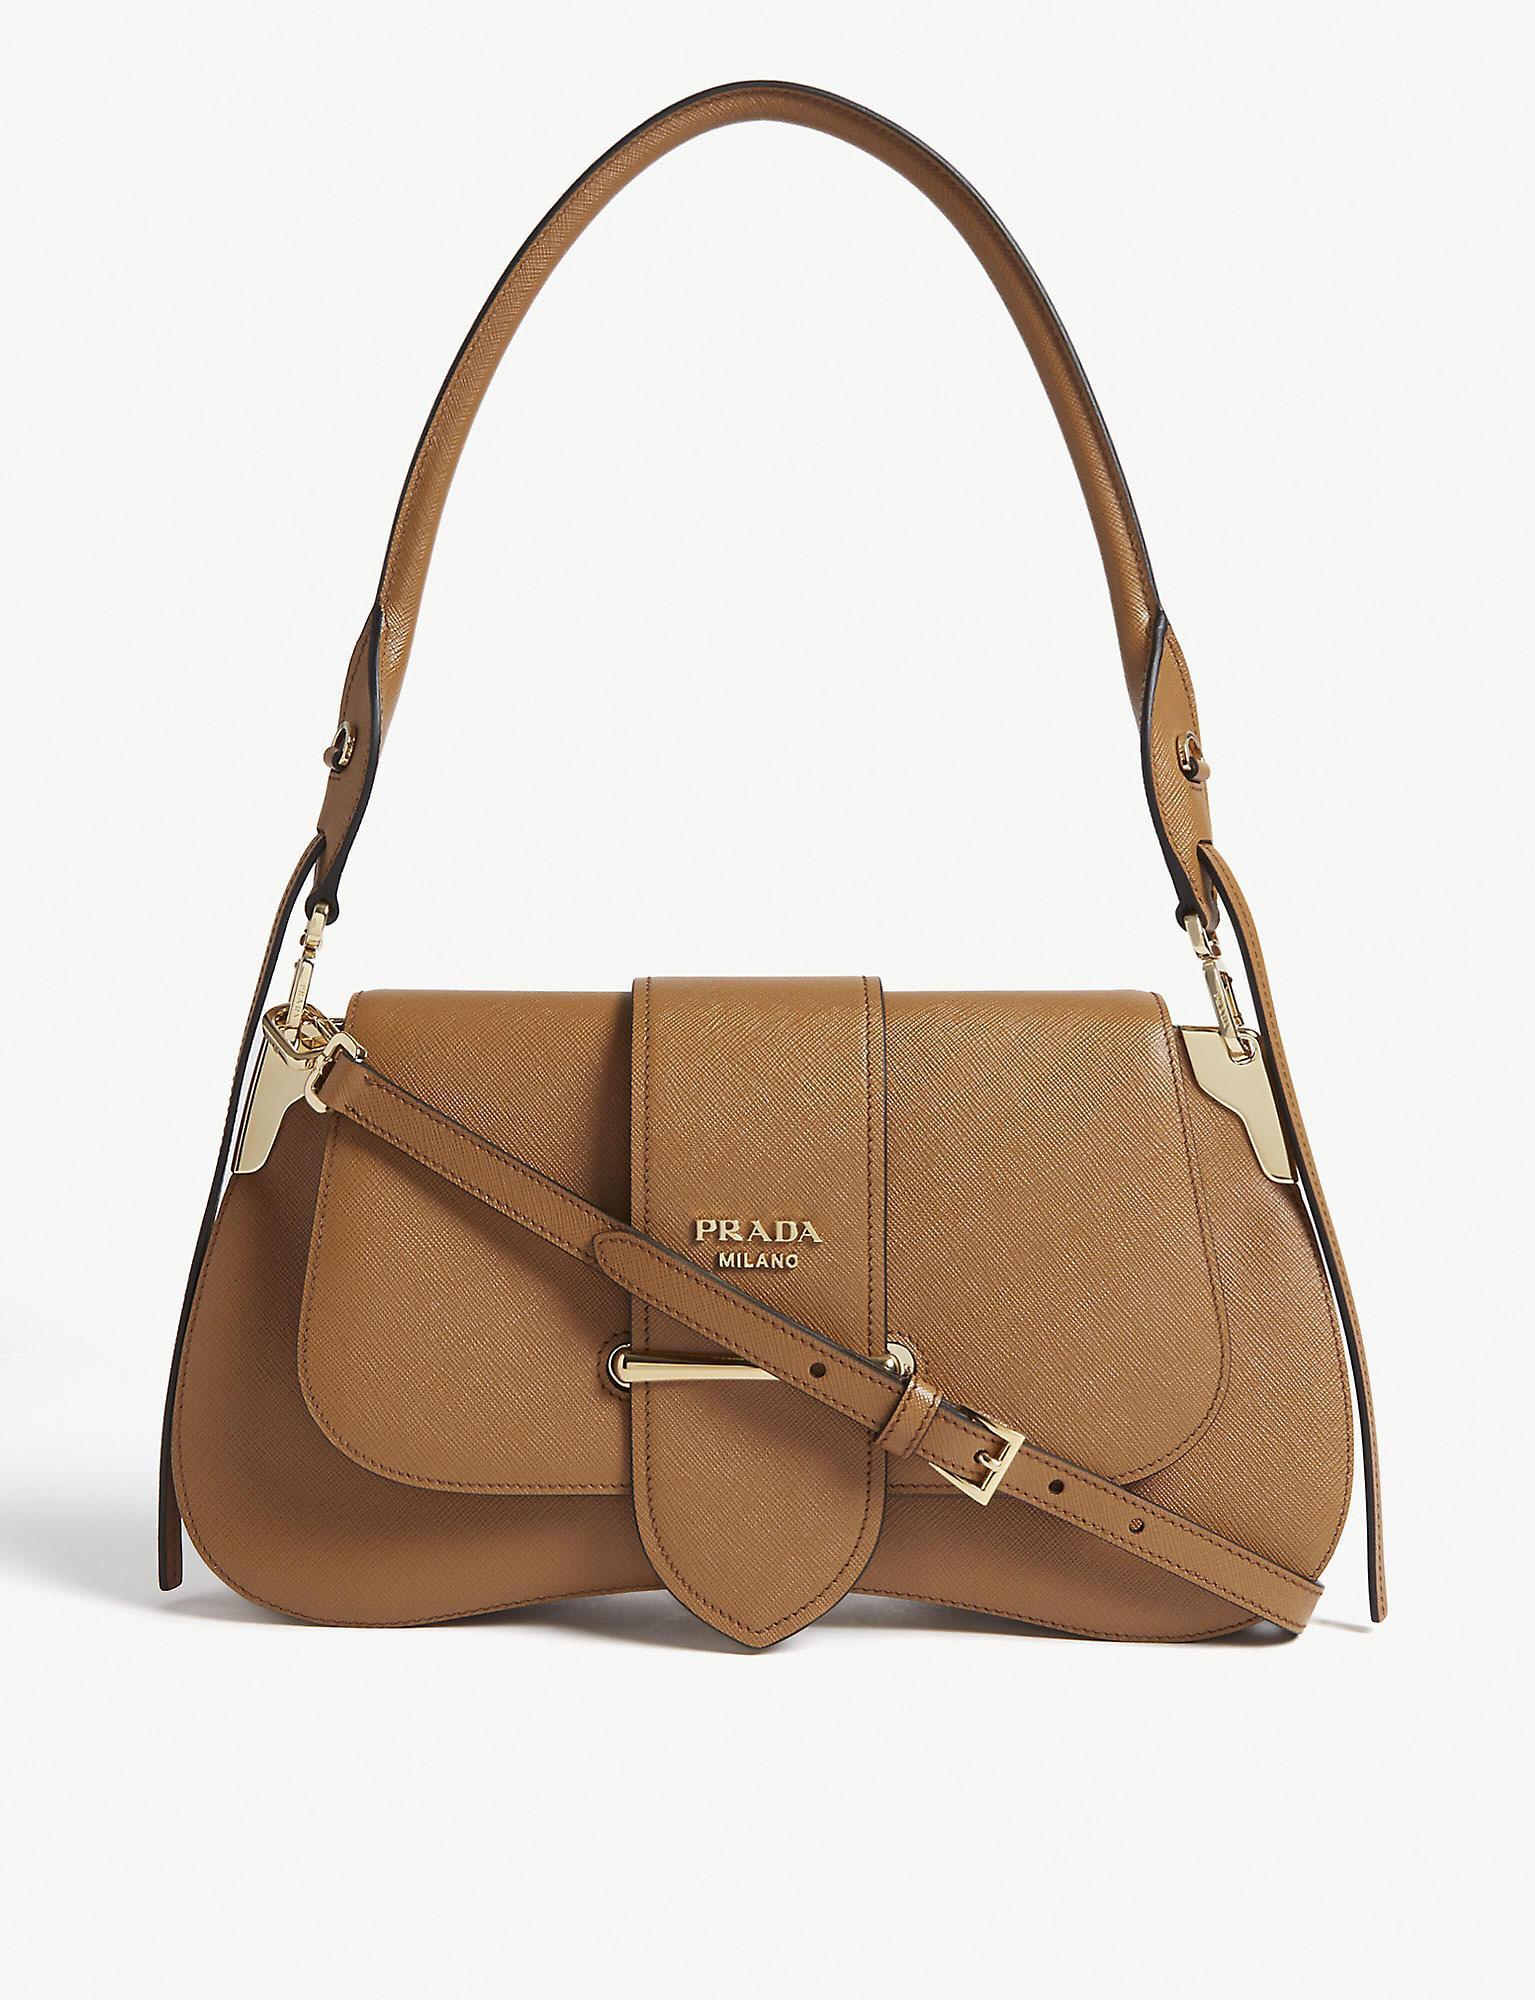 88c4b0b6adb Prada Sidney Leather Saddle Bag in Brown - Lyst